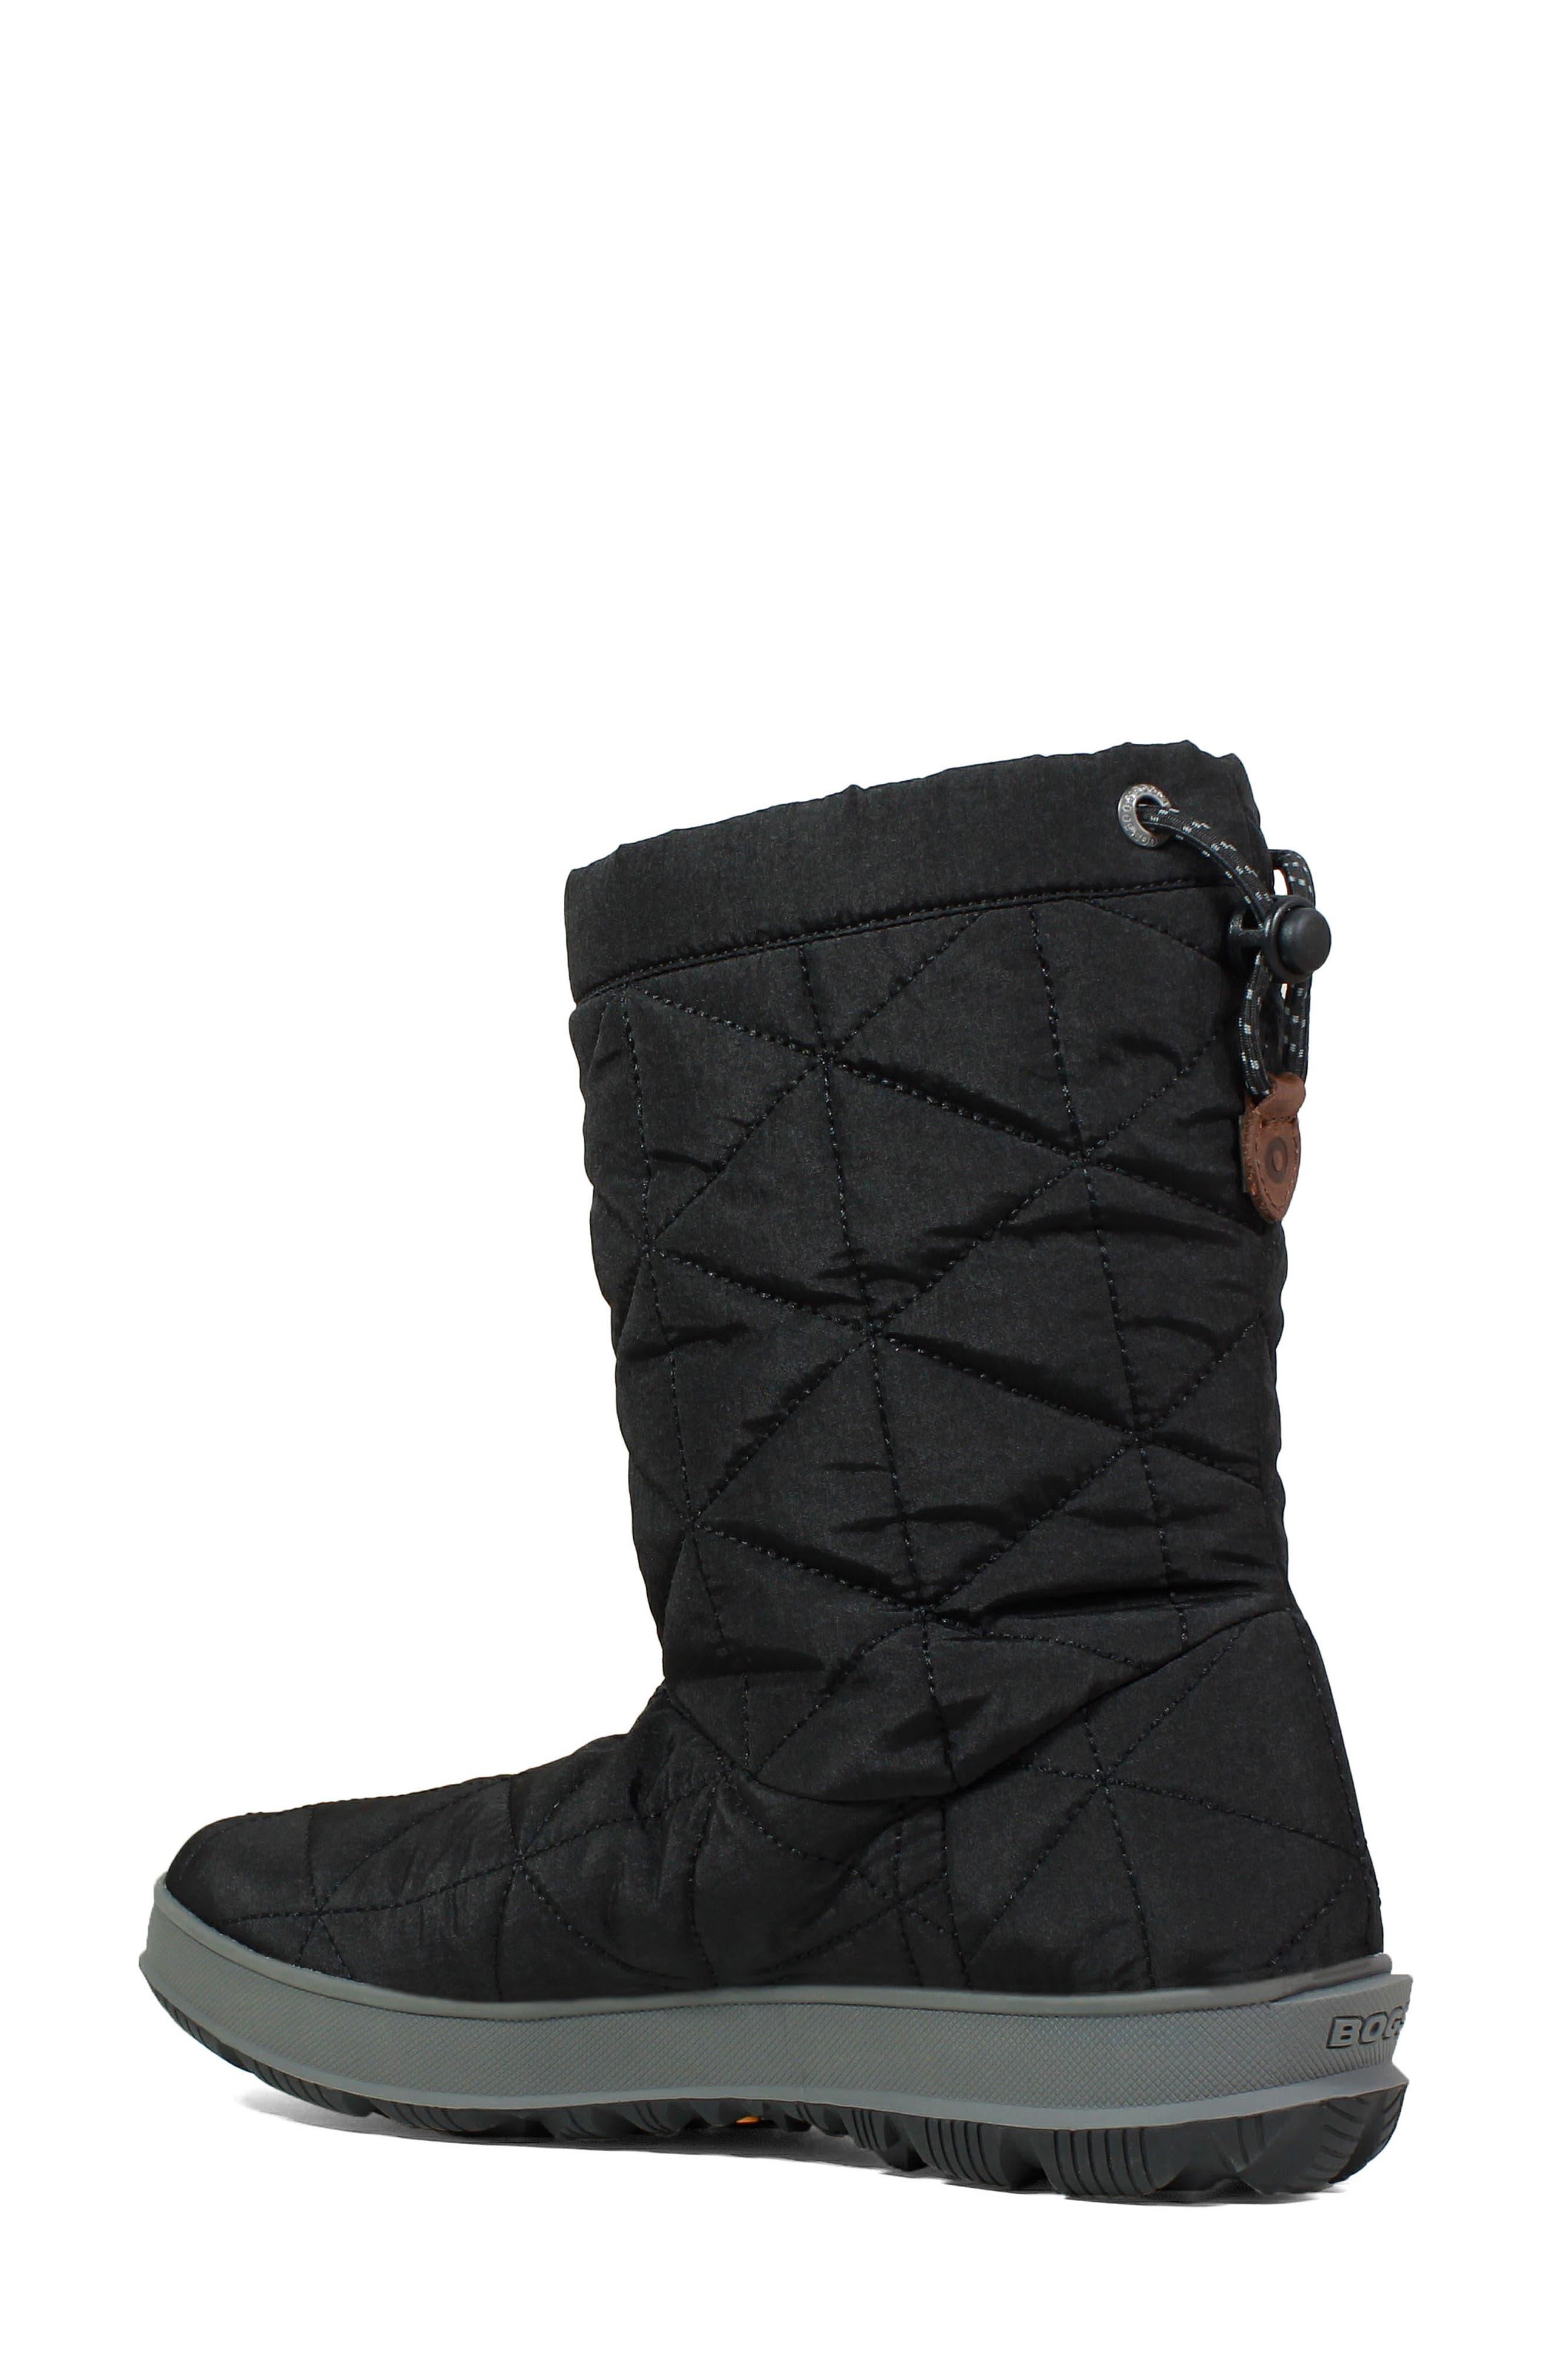 BOGS, Mid Snowday Waterproof Bootie, Alternate thumbnail 2, color, BLACK